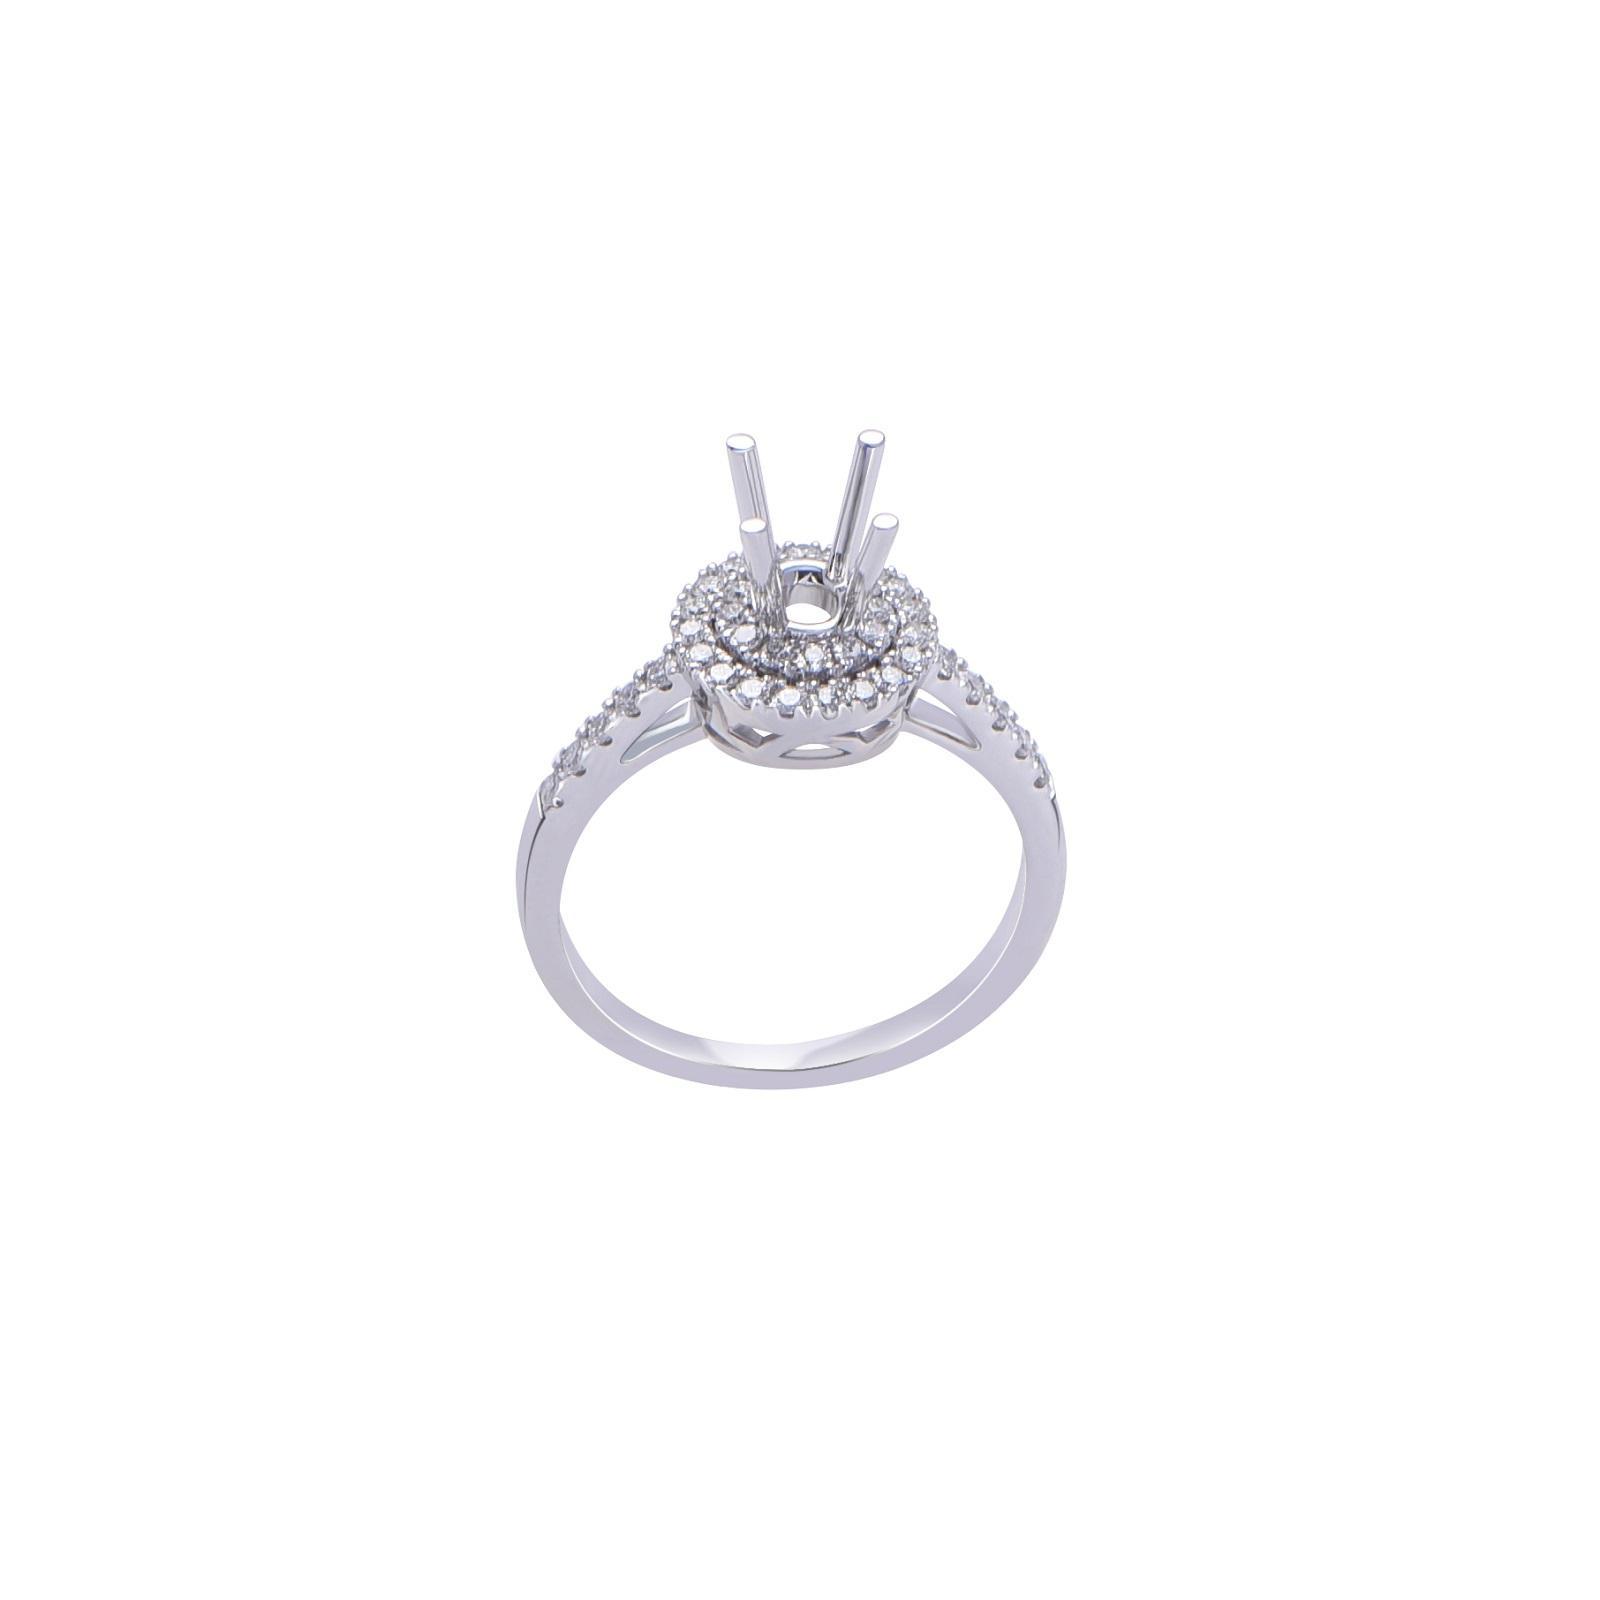 Vỏ nhẫn đá Kim cương 20N289.2TI